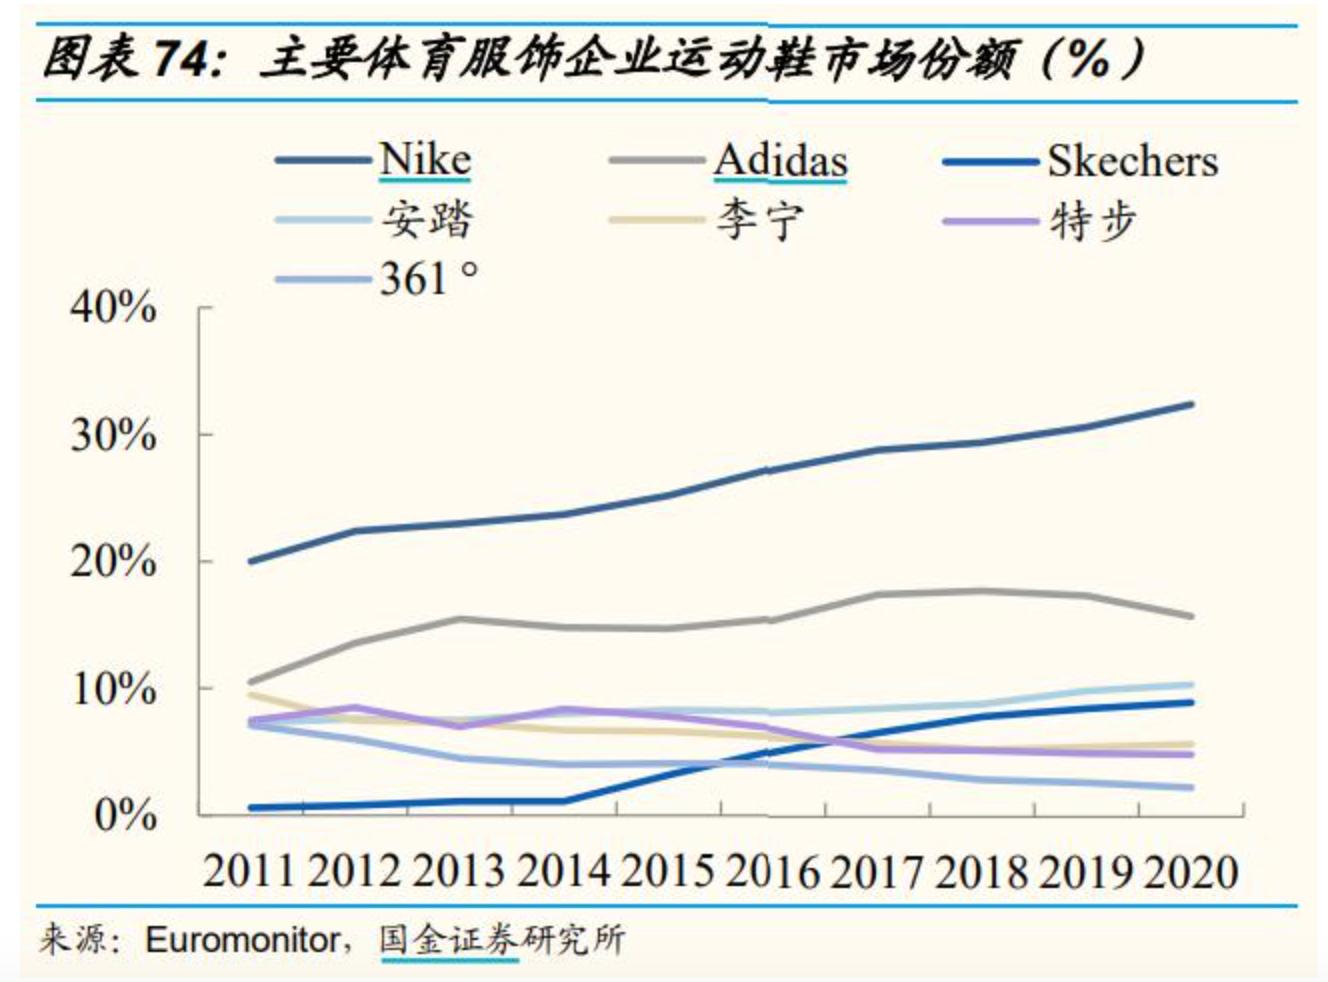 国货发力!安踏体育净利51亿元超越阿迪达斯